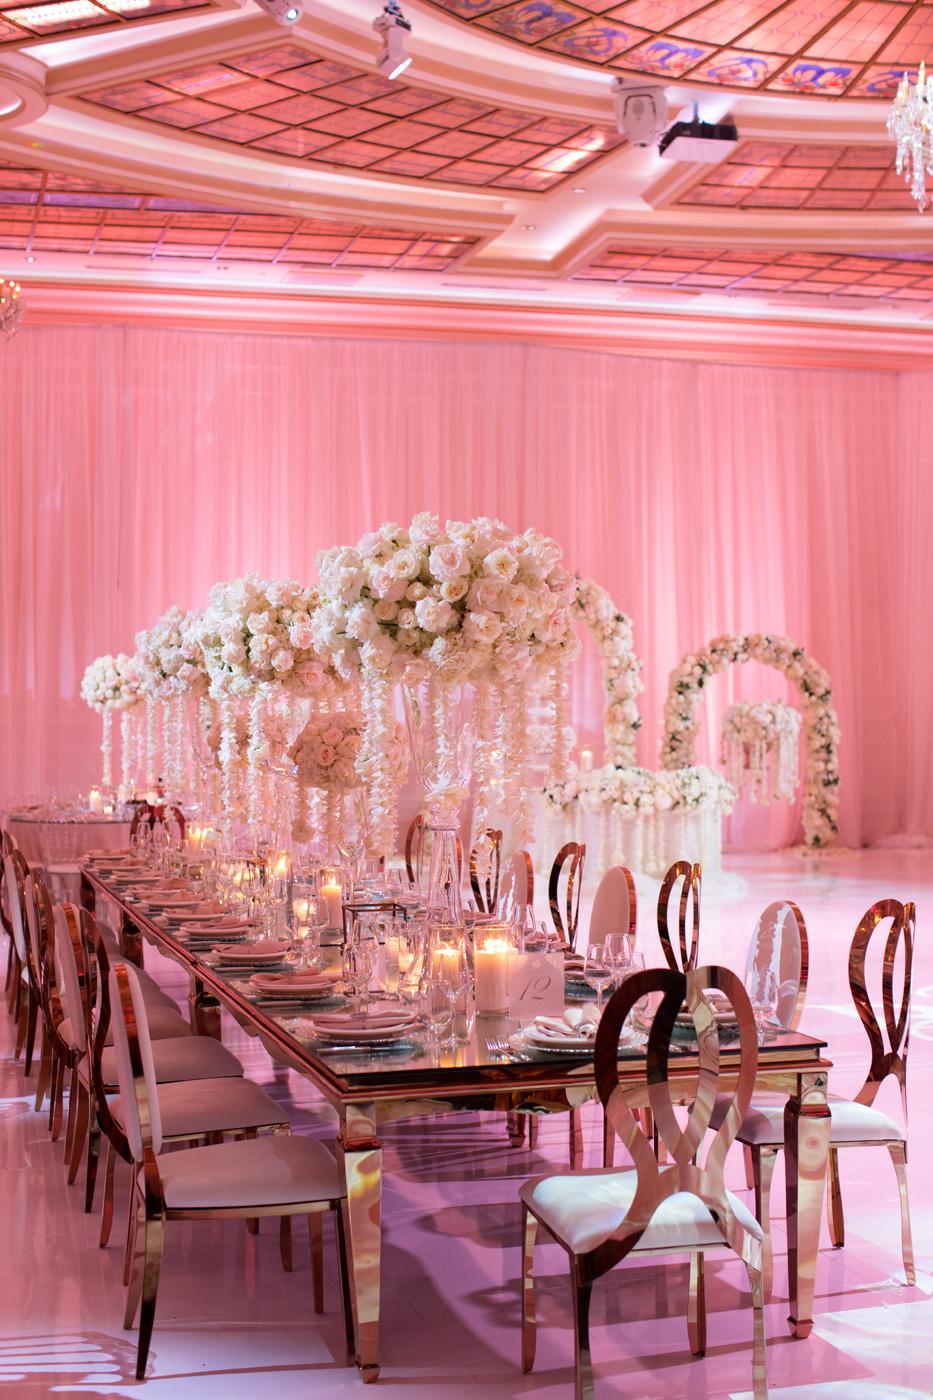 075_DukePhotography_DukeImages_Wedding_Details.jpg